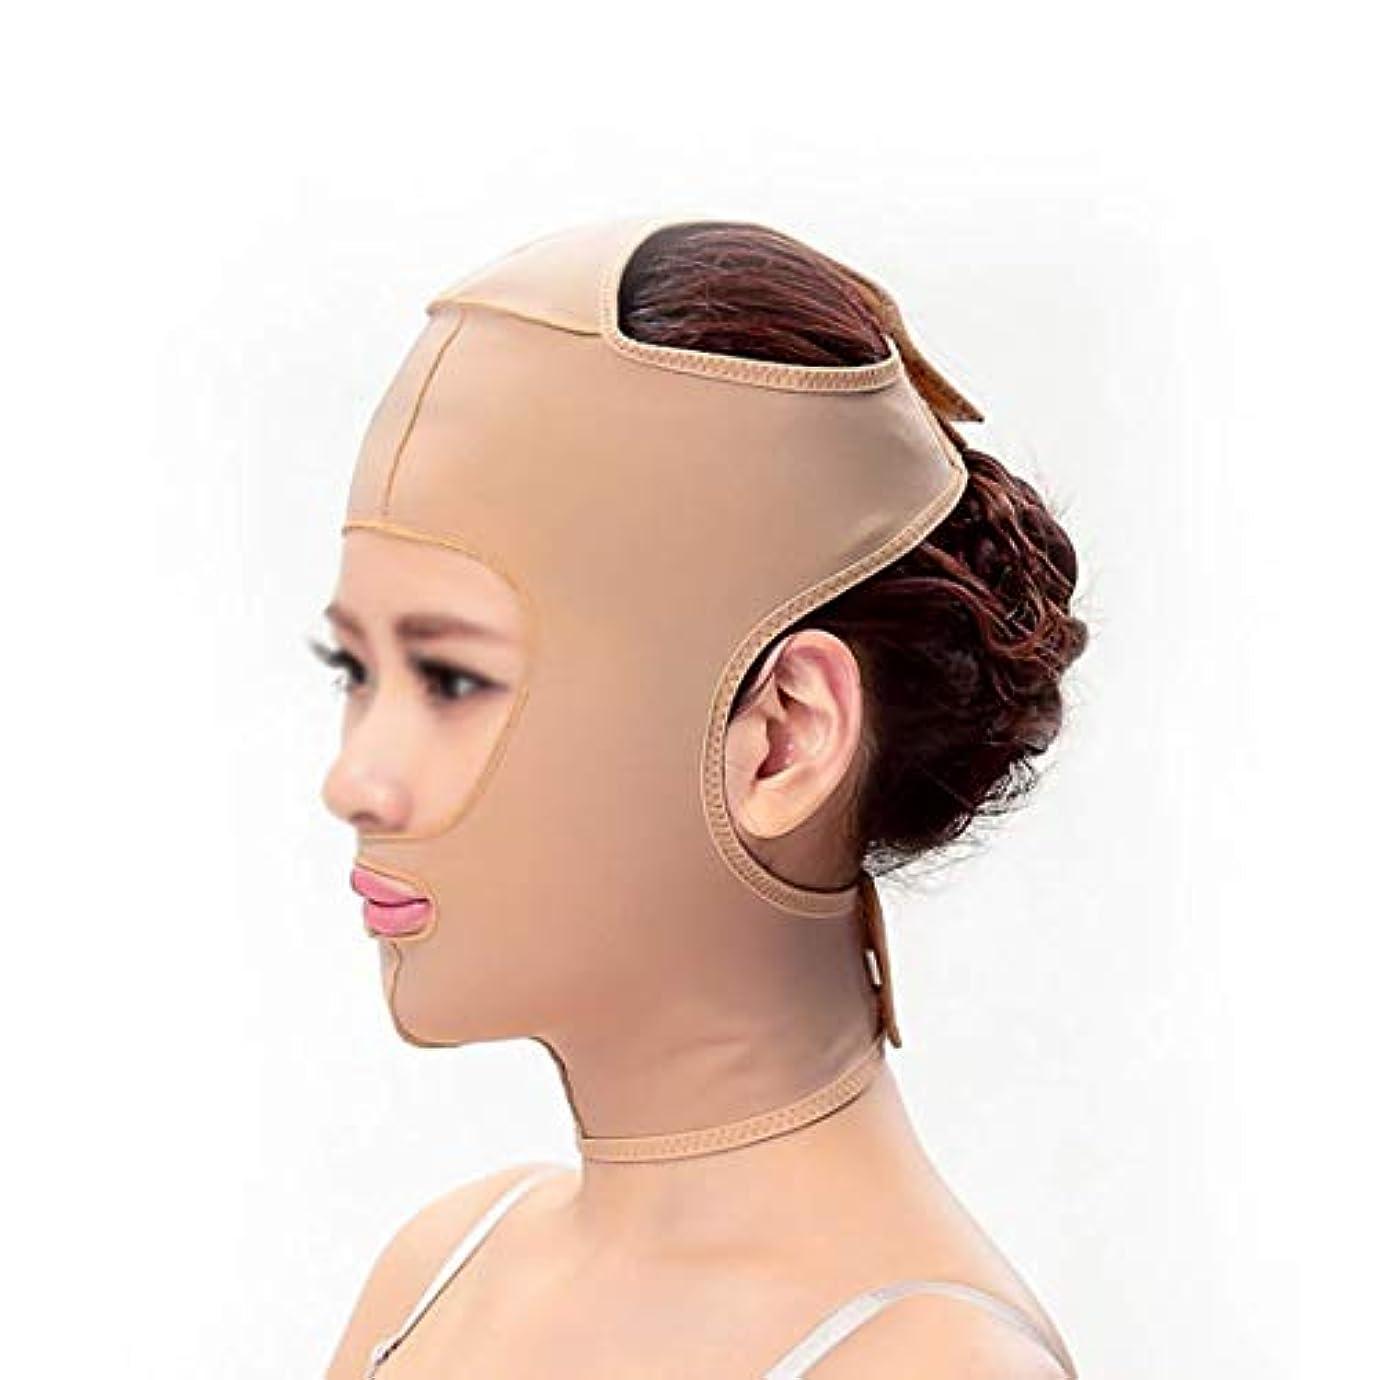 サーバどっちでもジャンプするスリミングベルト、二重あごの引き締め顔面プラスチックフェイスアーティファクト強力なフェイスバンデージをサイズアップするために顔面マスクシンフェイスマスク,XXL